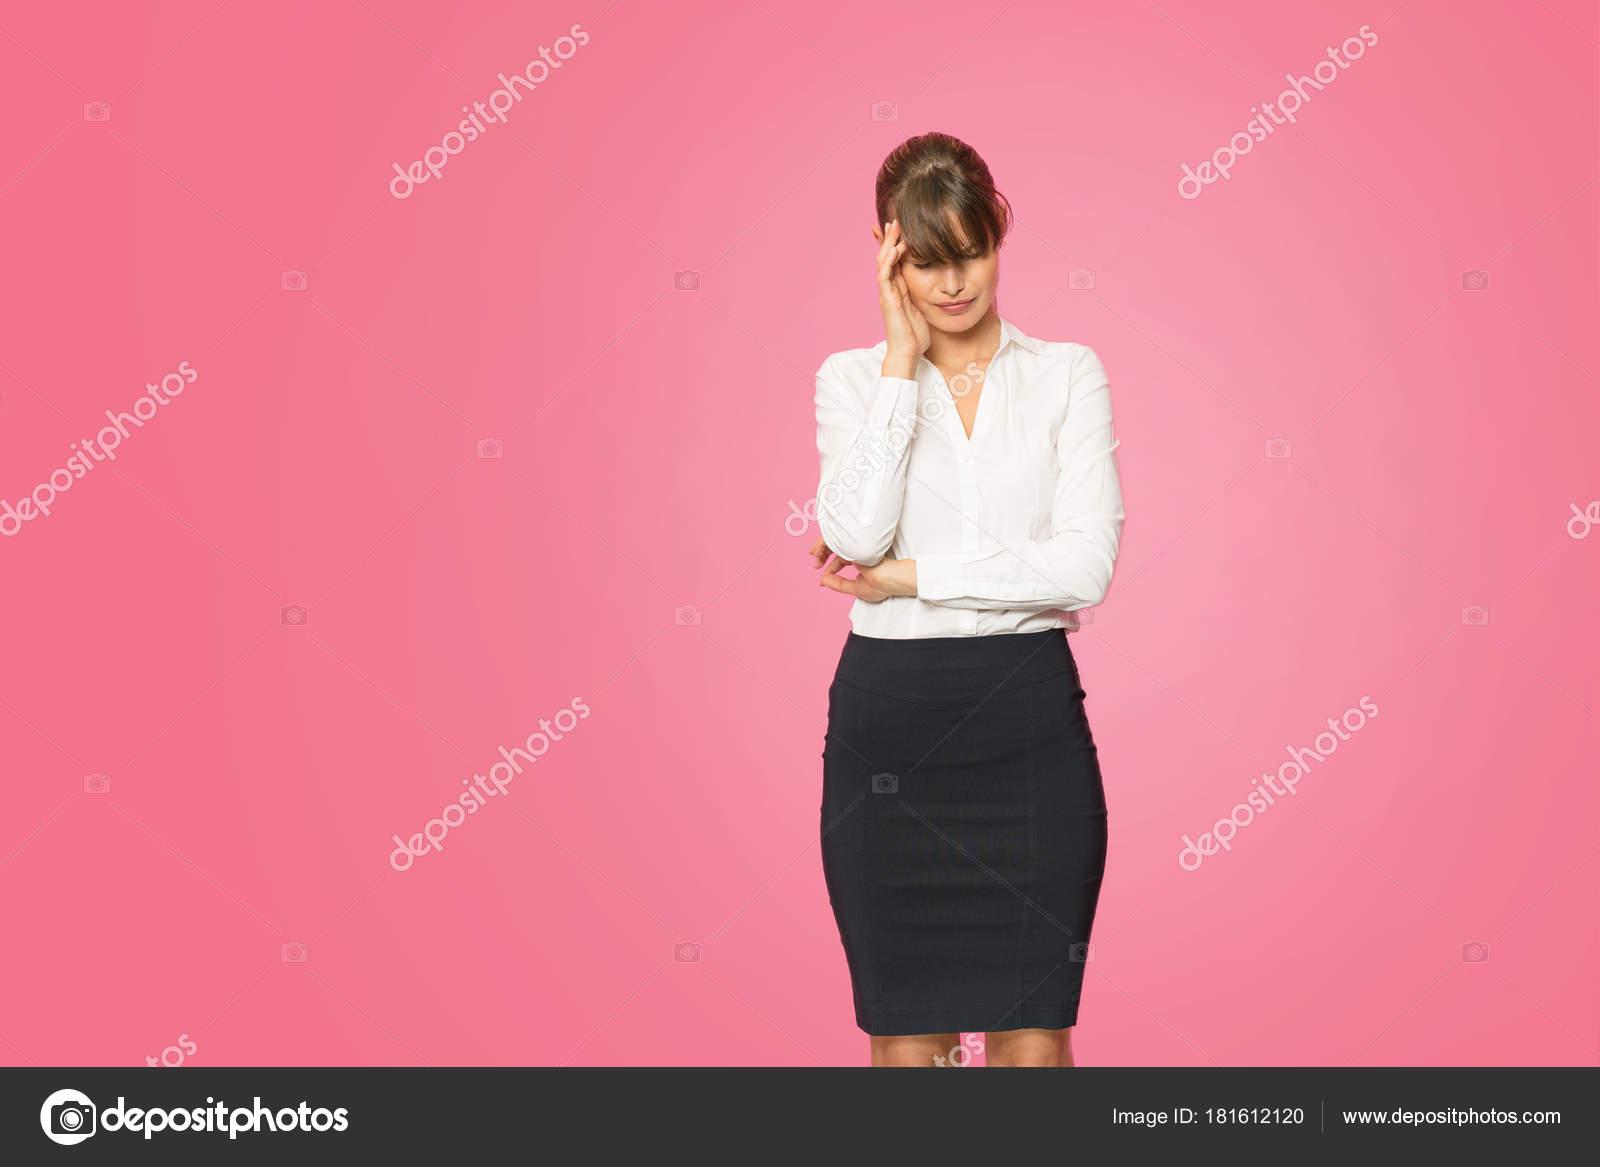 Schone Junge Geschaftsfrau Buro Outfit Steht Auf Rosa Hintergrund Stockfoto C Brasoveanub 181612120